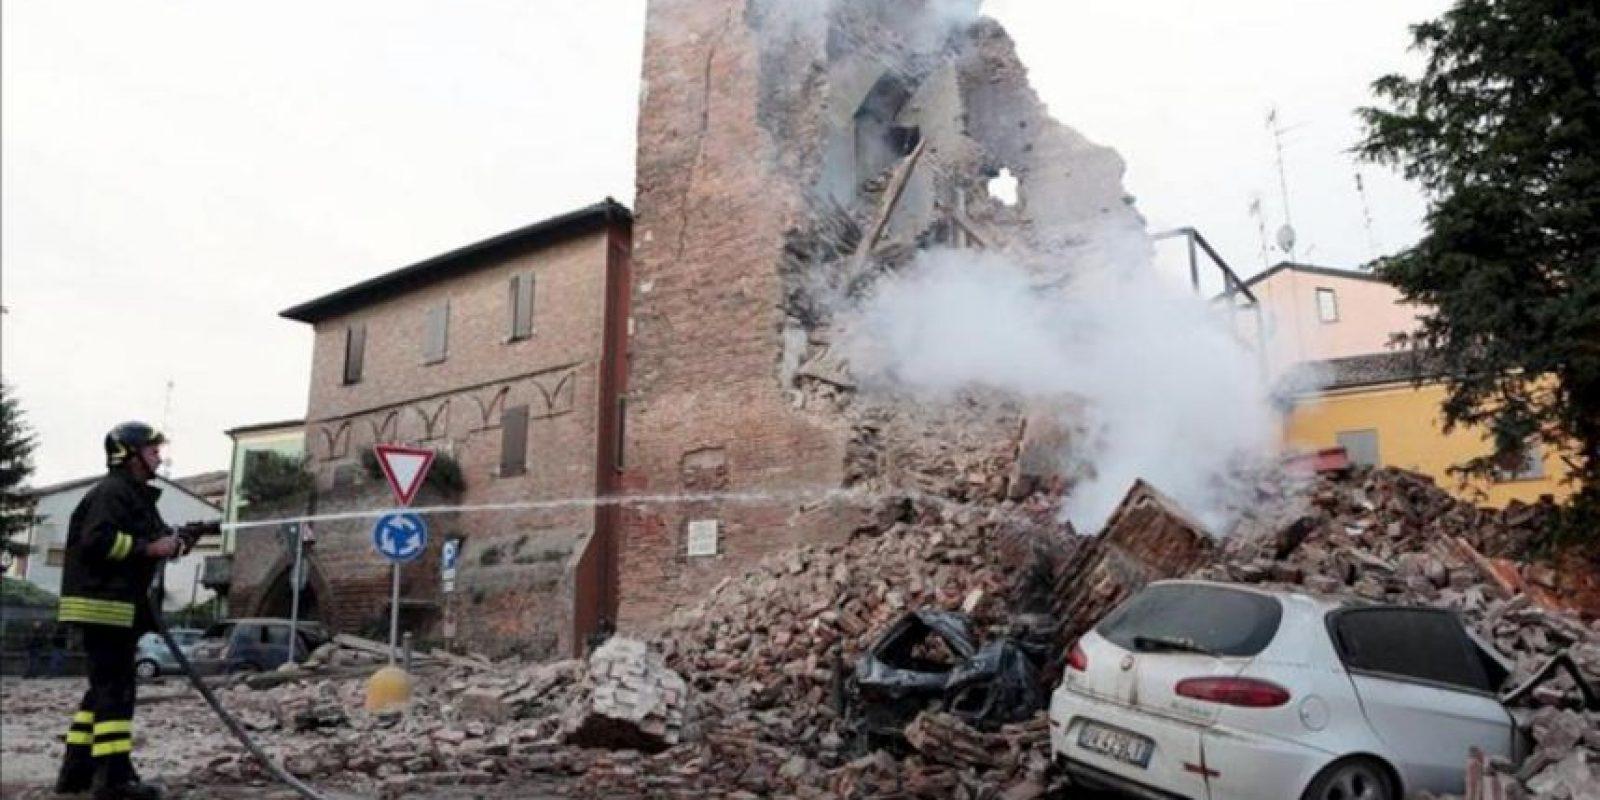 Un bombero trabaja junto a los escombros de un edificio tras un terremoto de 5,9 grados de magnitud en la escala Richter registrado hoy, en la región de Emilia Romagna (norte de Italia). EFE